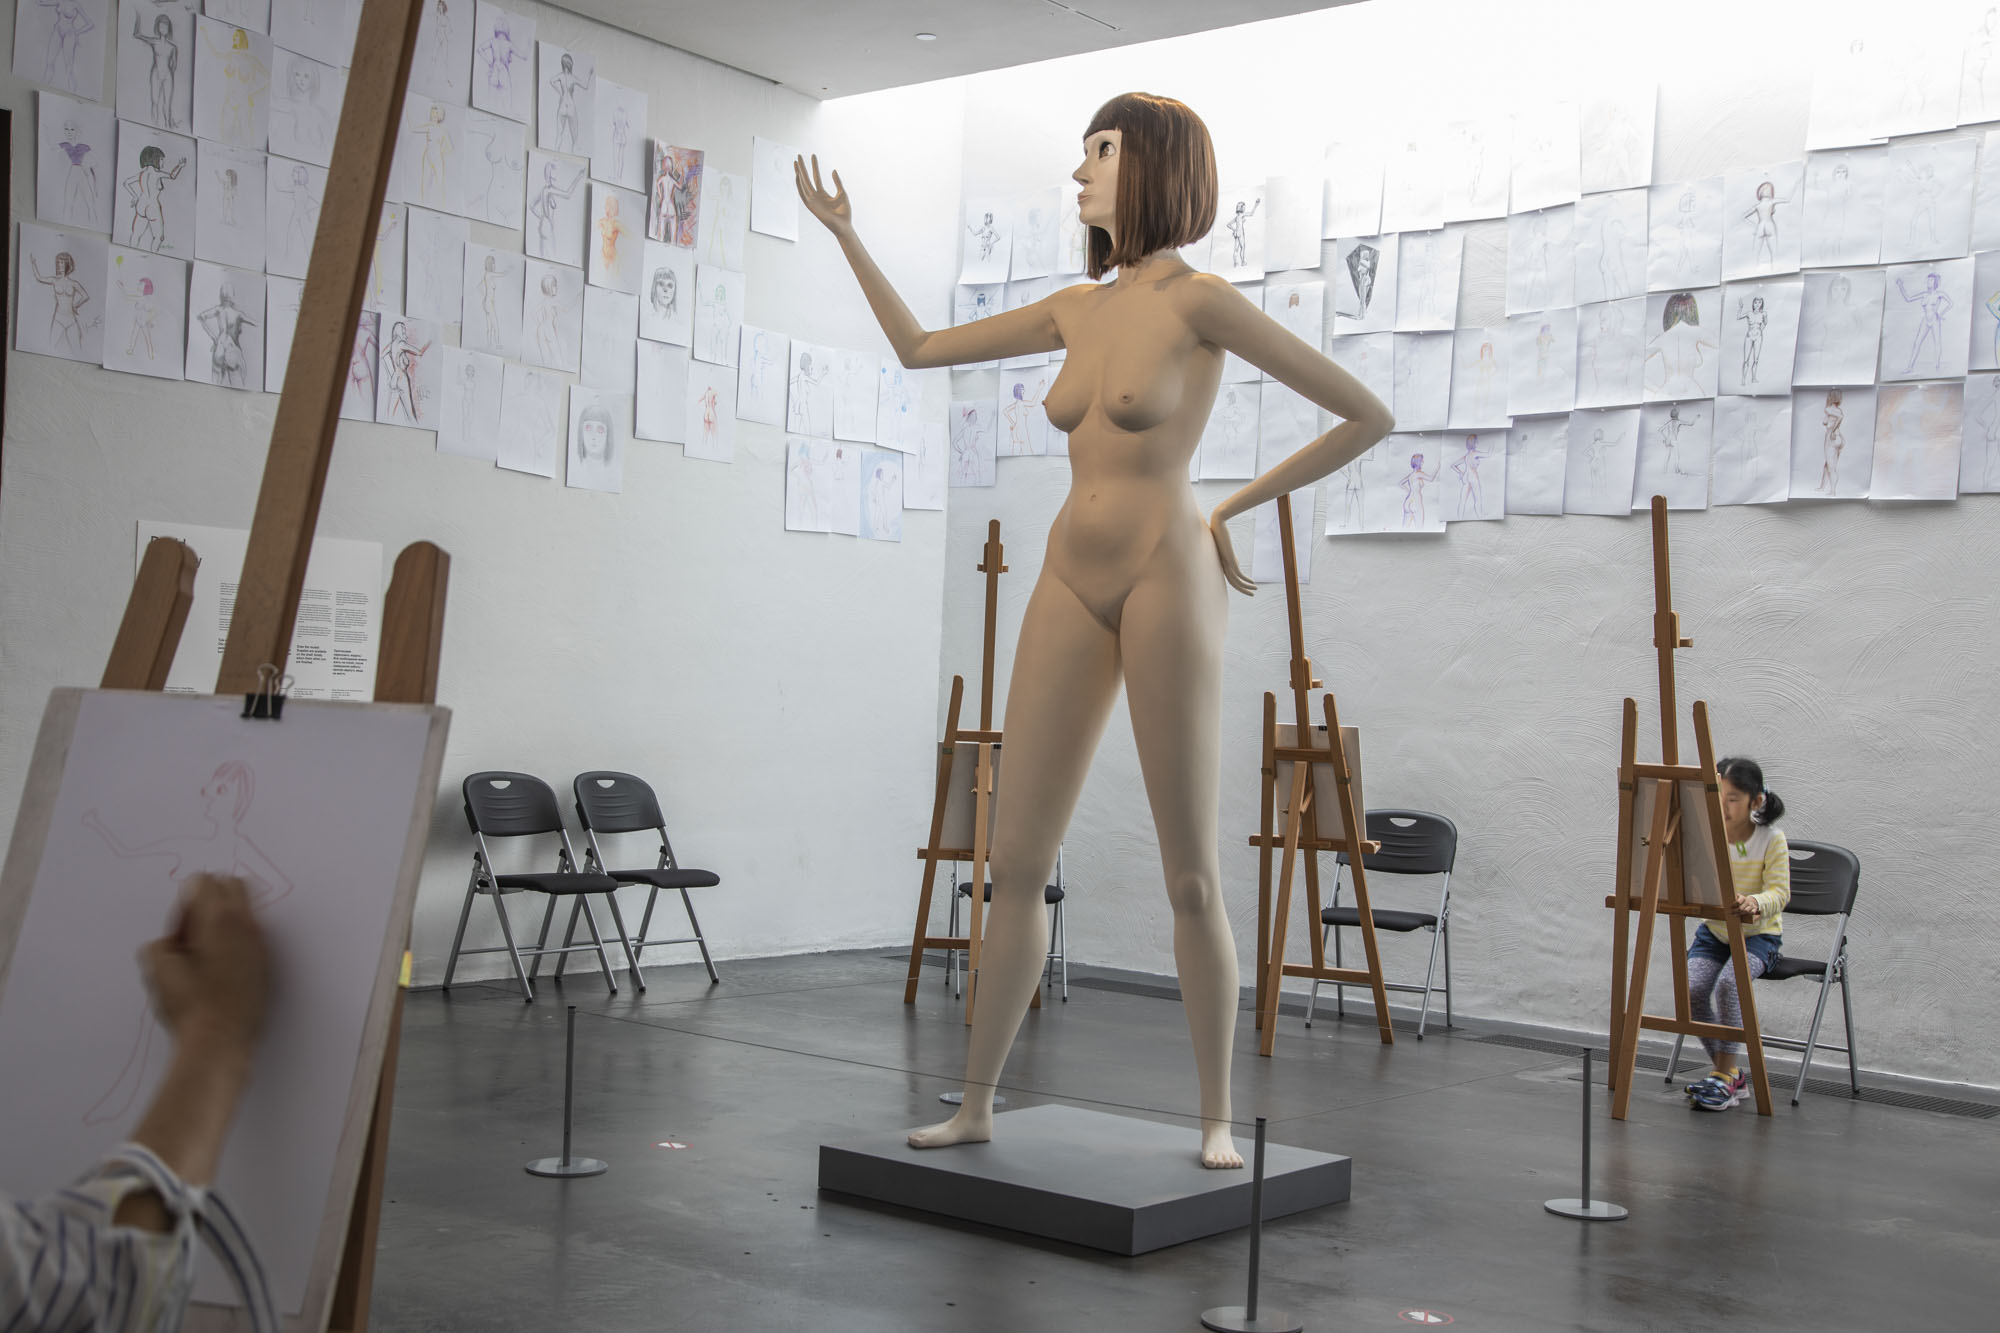 Finnland, Helsinki, Kiasma, Museum für Zeitgenössische Kunst, Installation Life Model II von David Shrigley. Der Künstler hat den Ausstellungsraum zum Zeichenraum transformiert, so kann jeder sein Werk dort ausstellen.